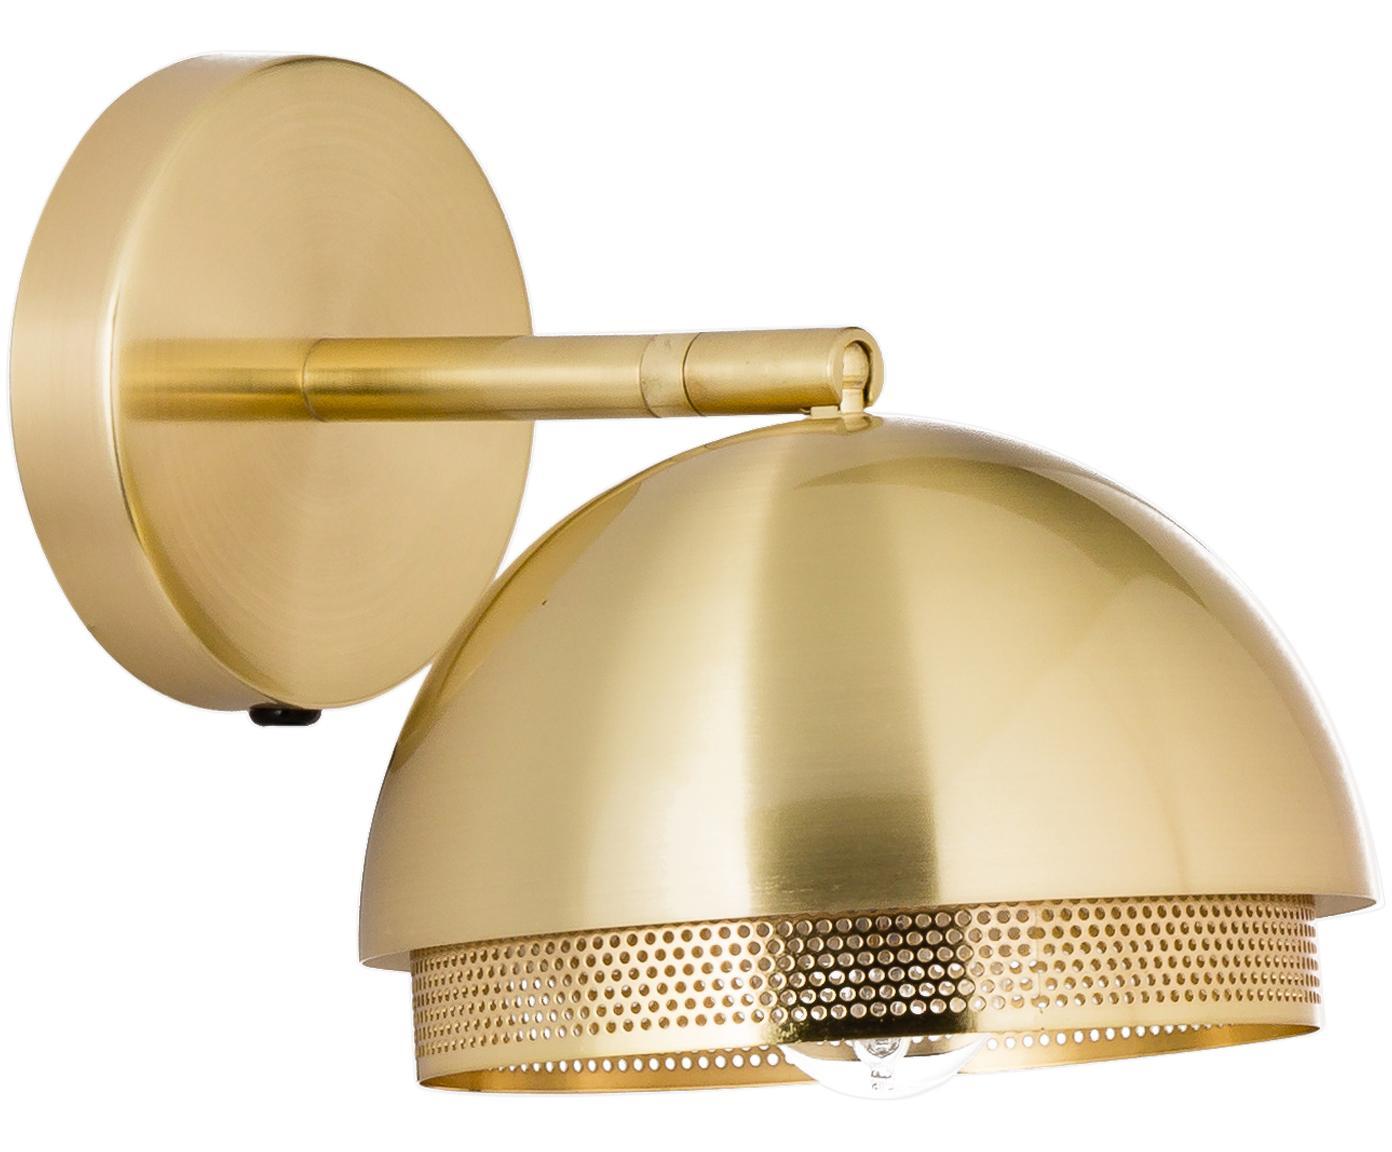 Wandlamp Luis met stekker, Lamp: gecoat metaal, Messingkleurig, Ø 21 x H 28 cm